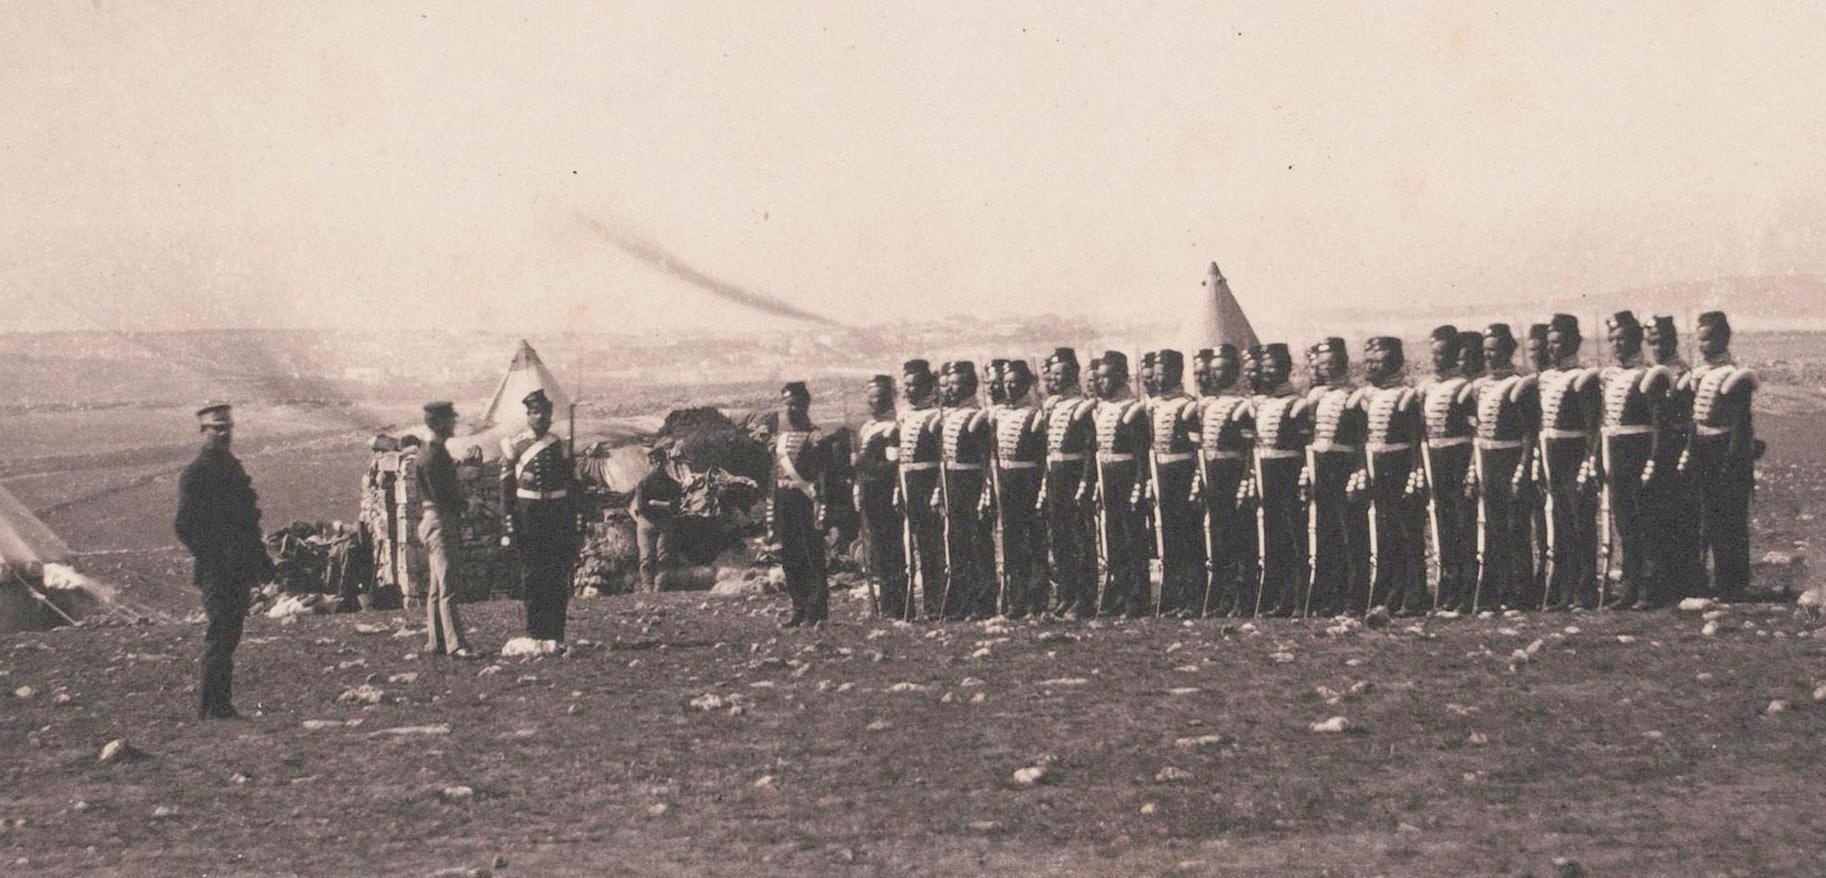 38th foot light company 1855